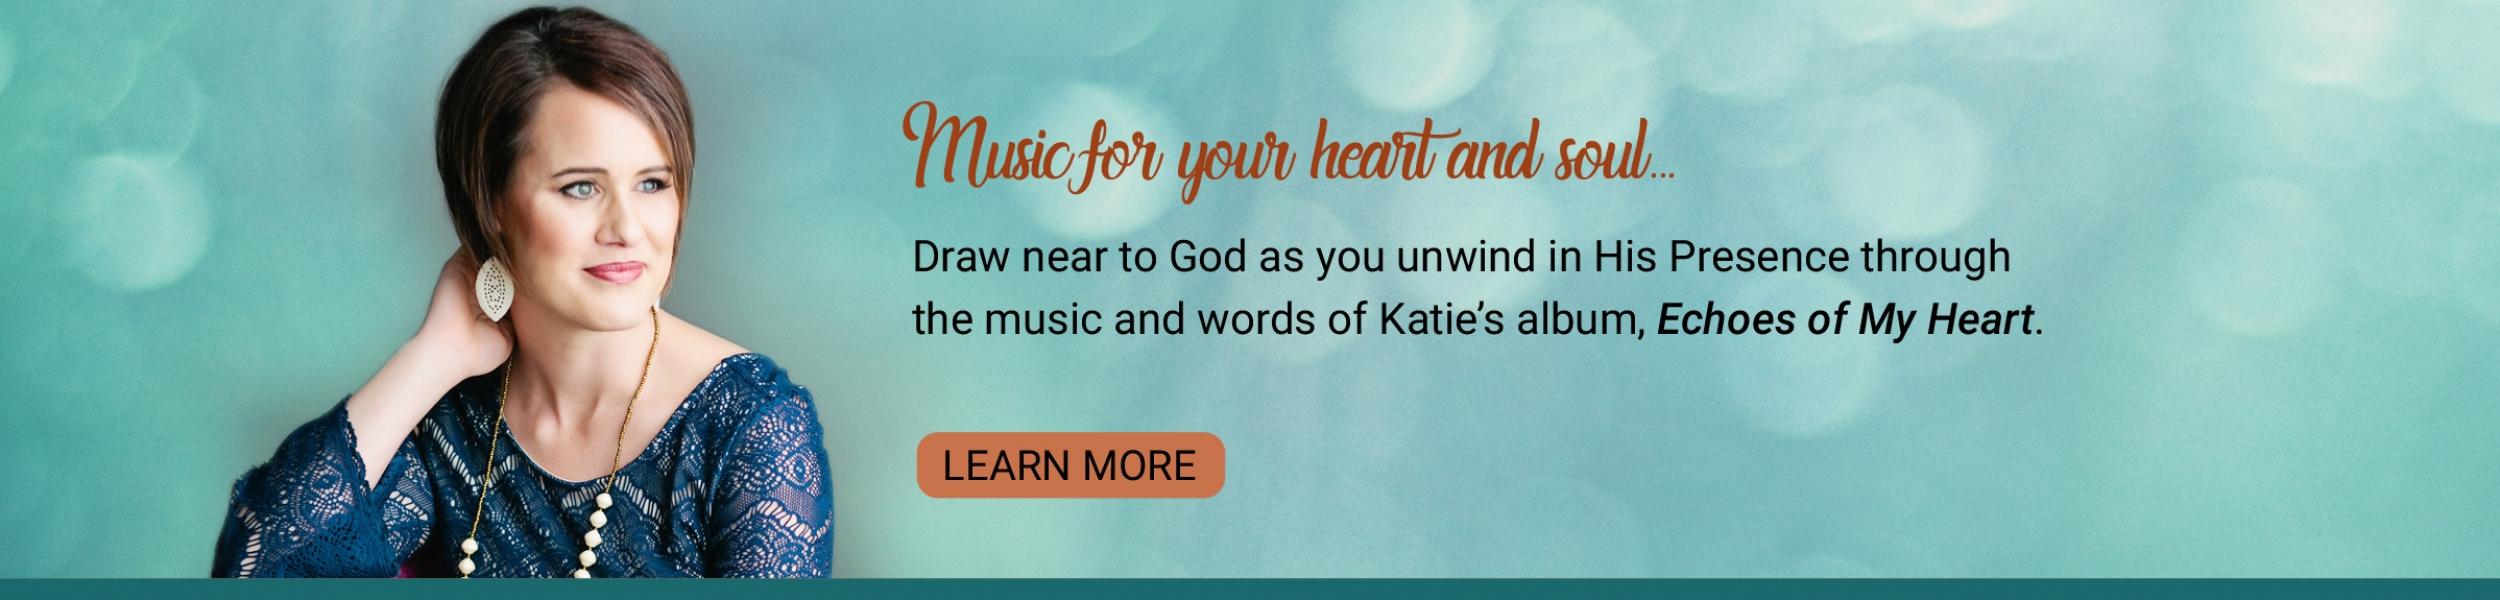 Katie Reid - Echoes of My Heart